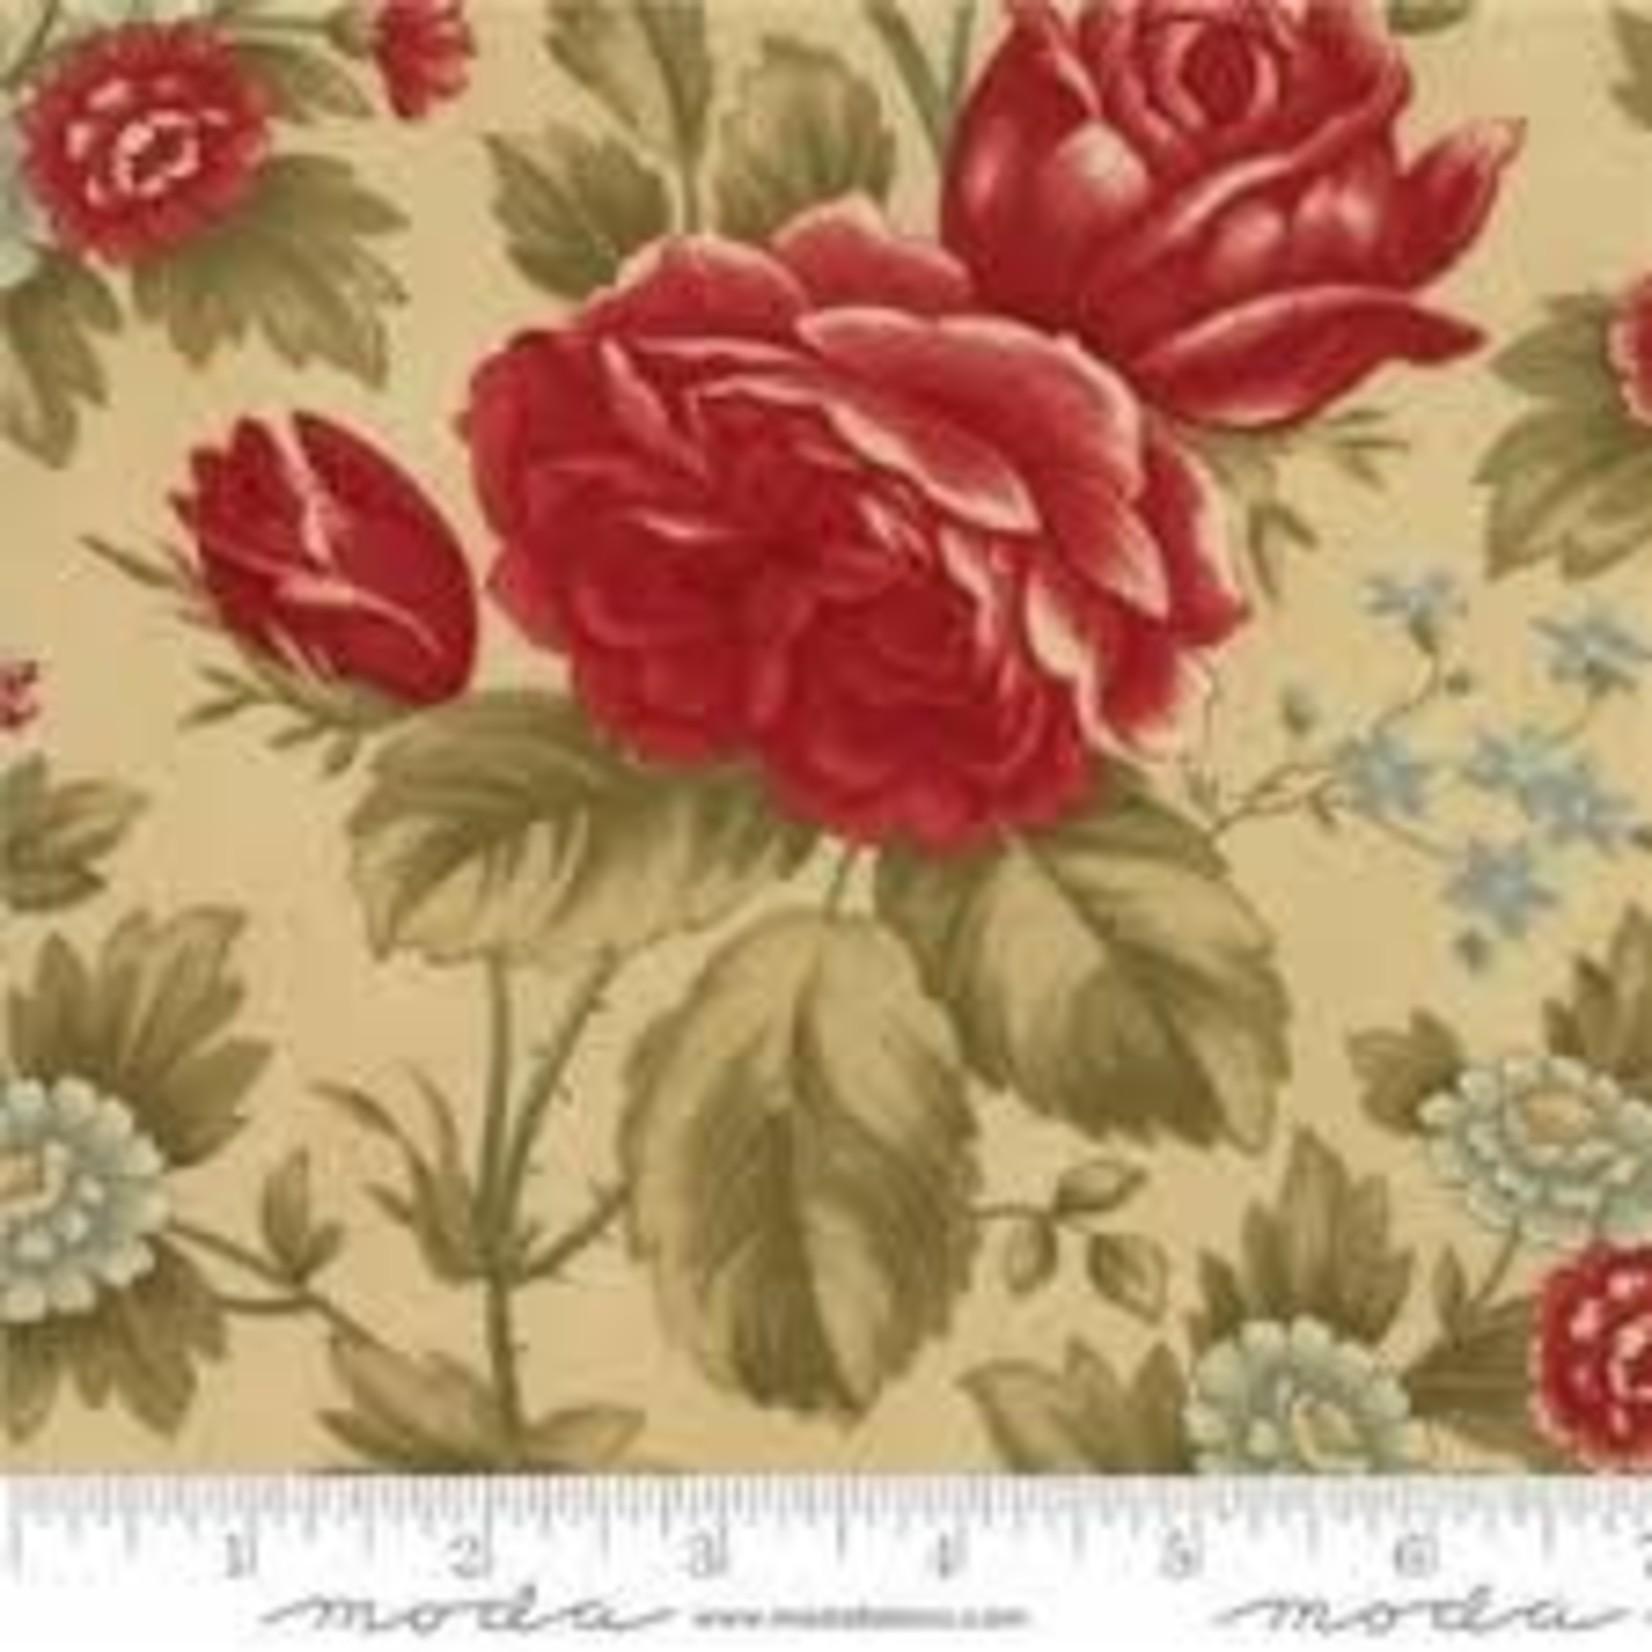 Moda Fabrics 3 Sisters - Rosewood - Floral Roses - Vanilla